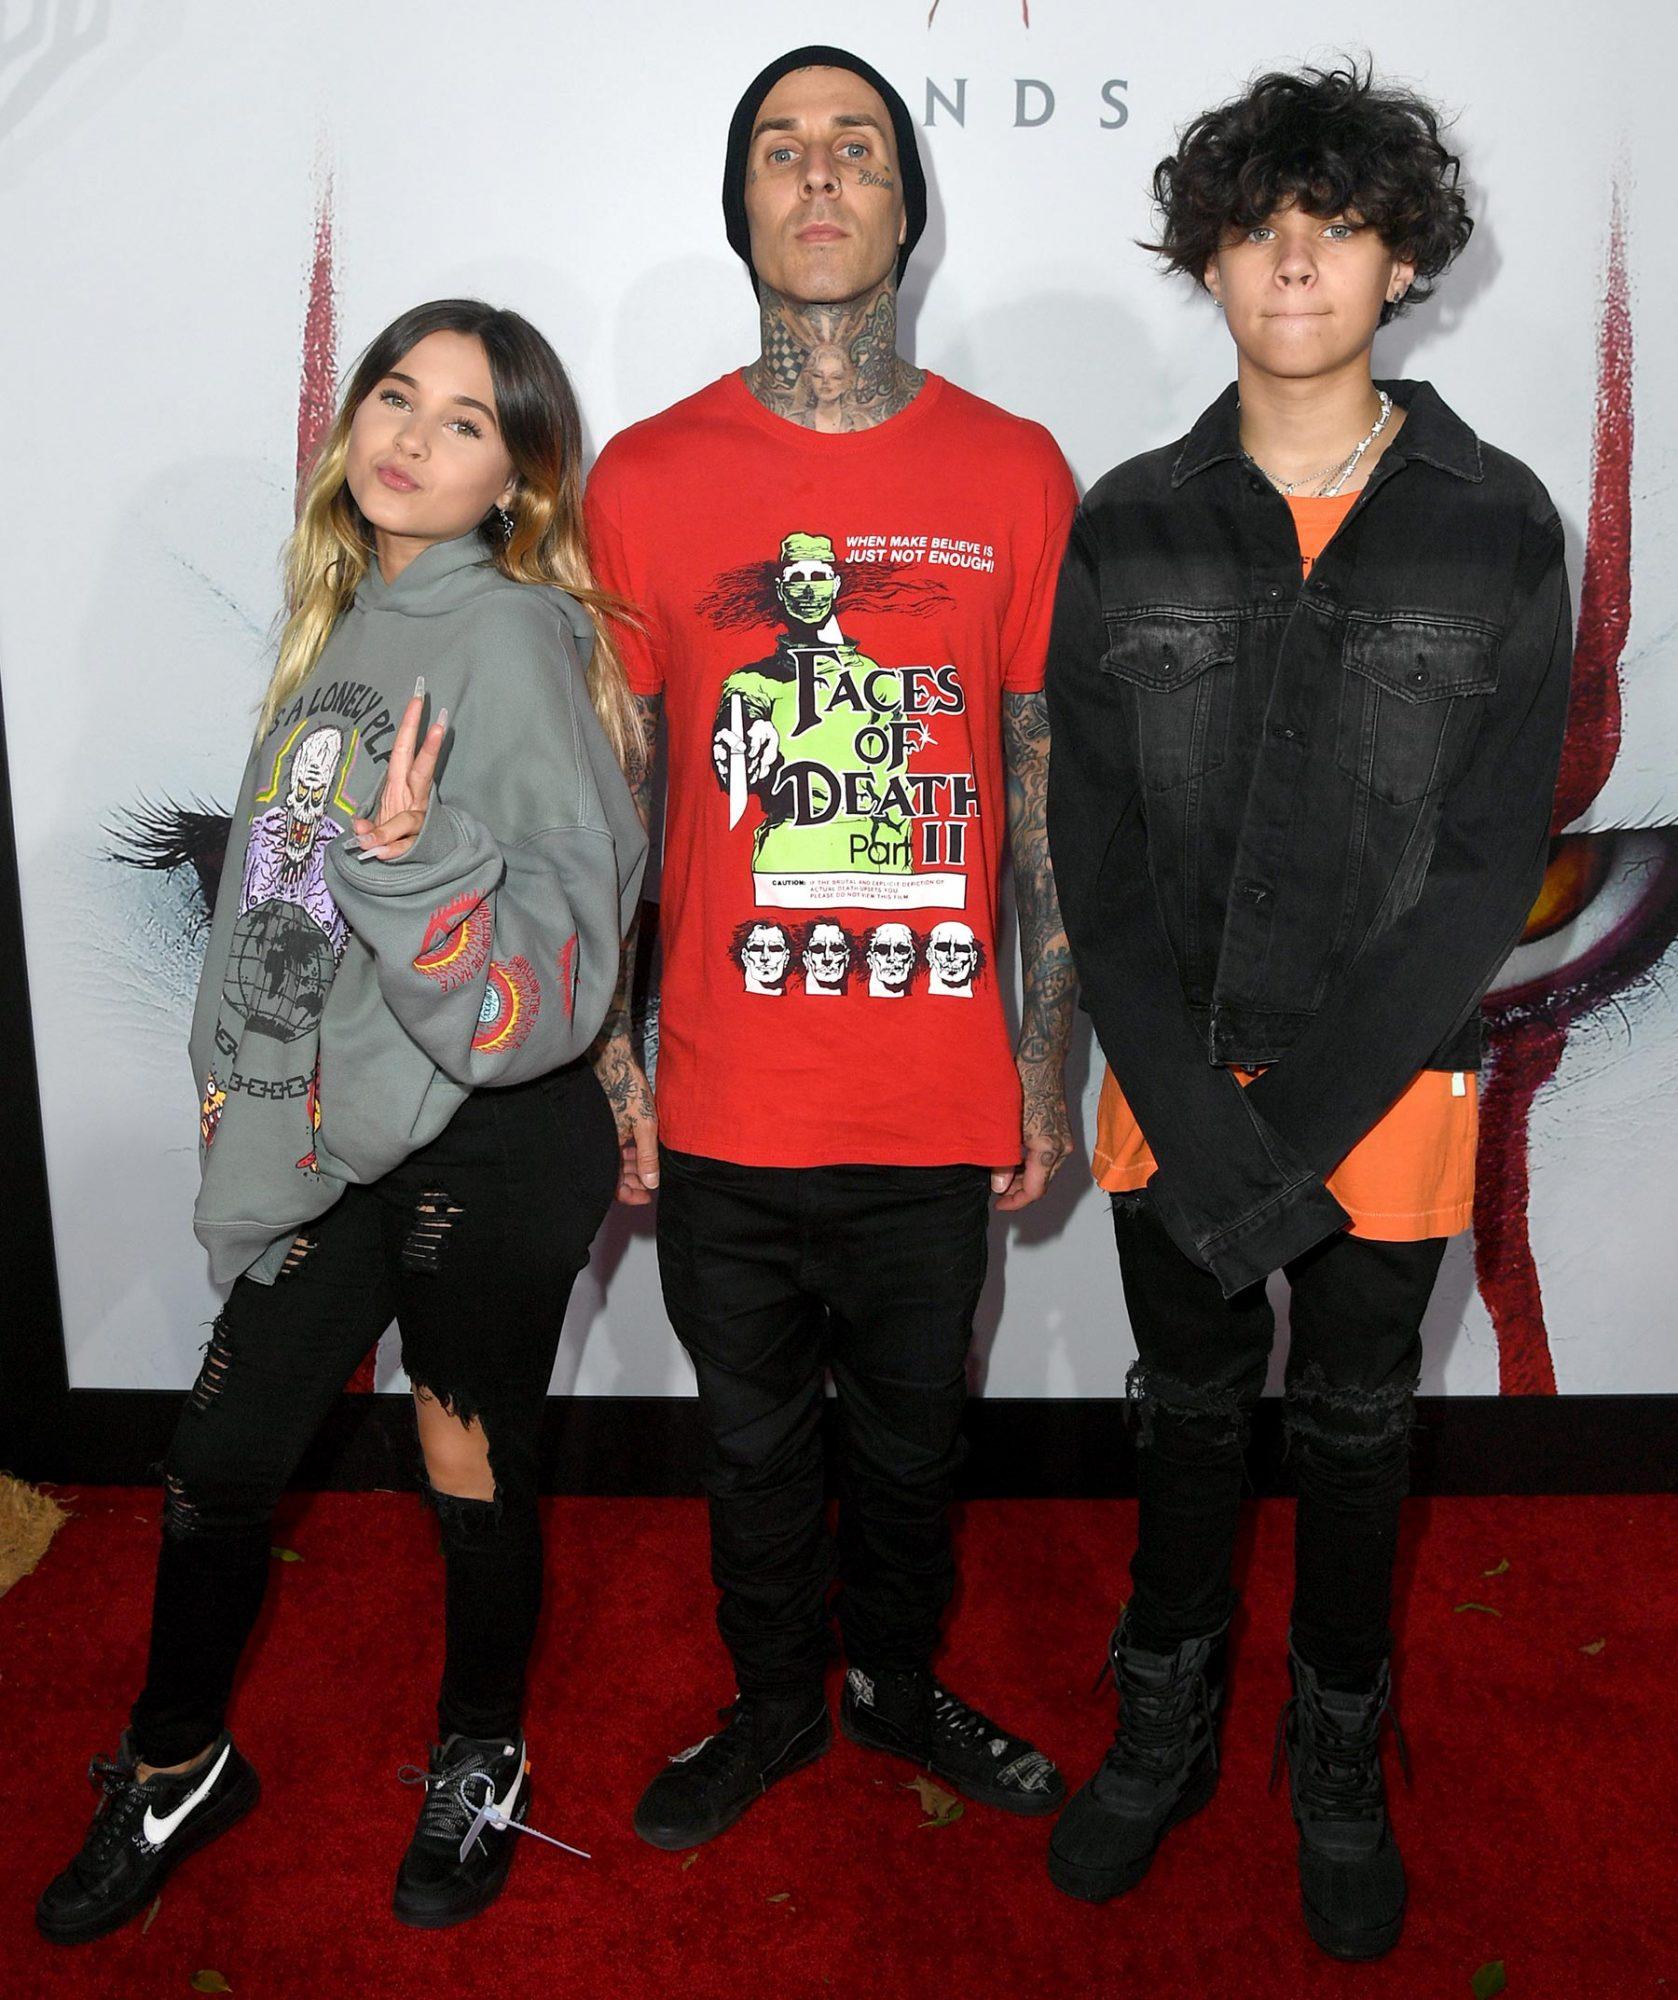 Alabama Luella Barker, Travis Barker, and Landon Asher Barker